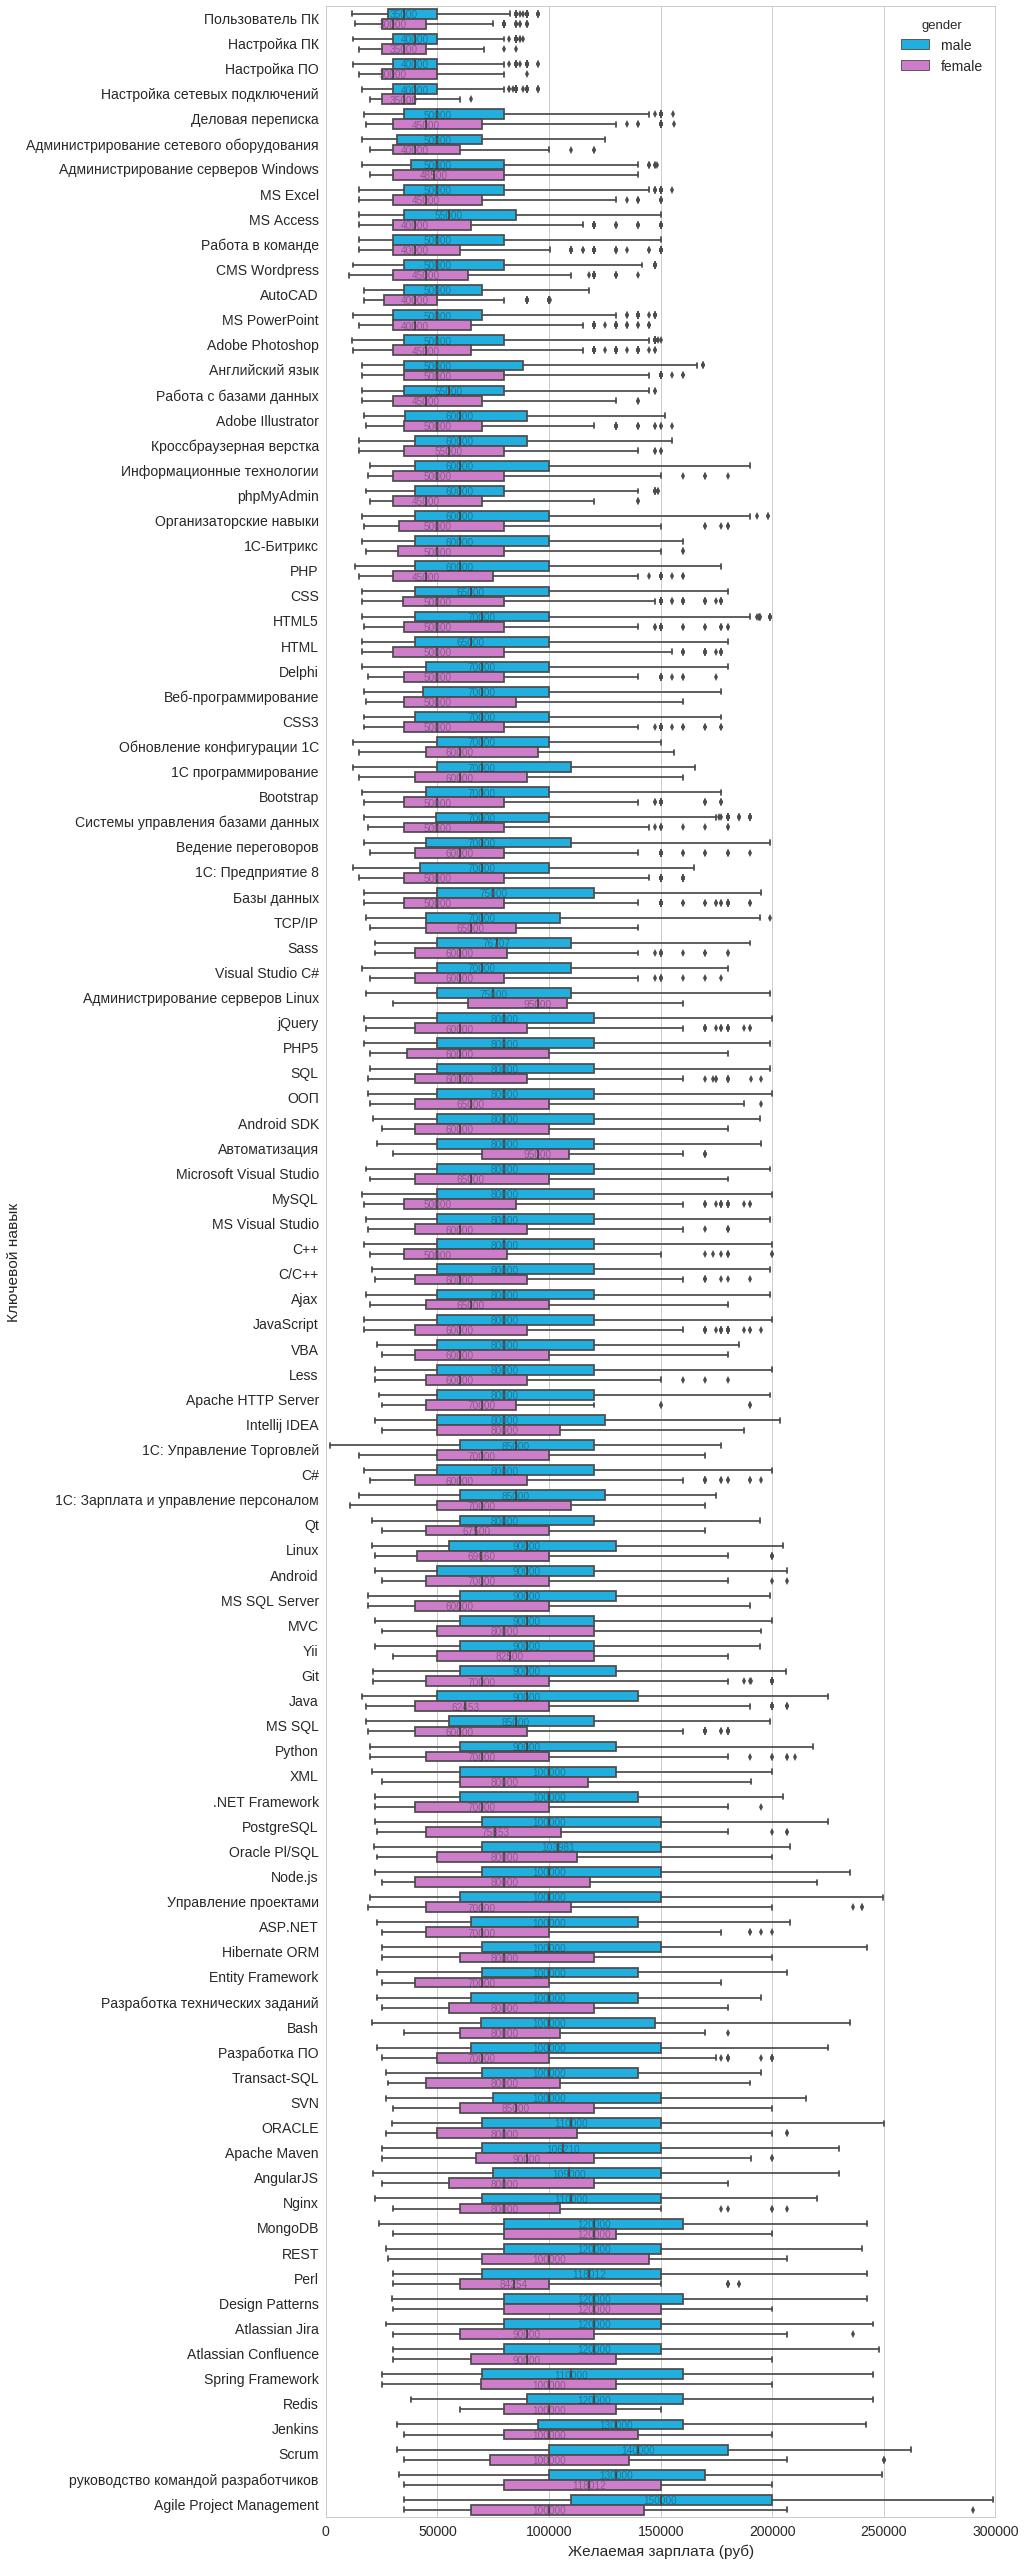 Анализ резюме HH.RU: много графиков и немного сексизма и дискриминации - 16